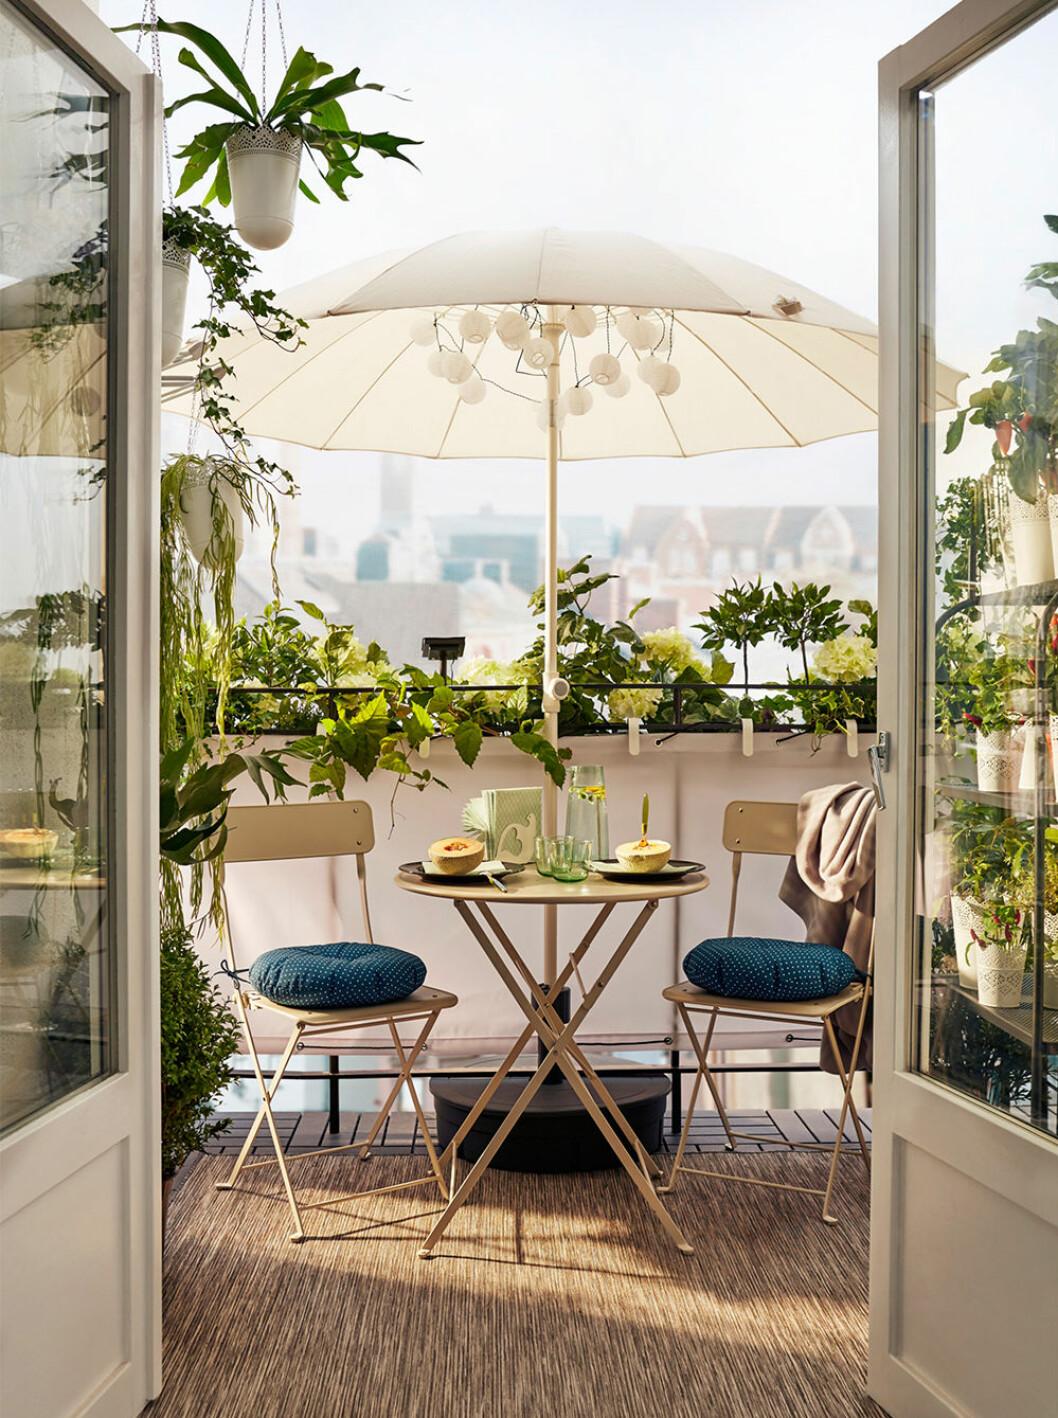 Fin balkonginredning med parasoll